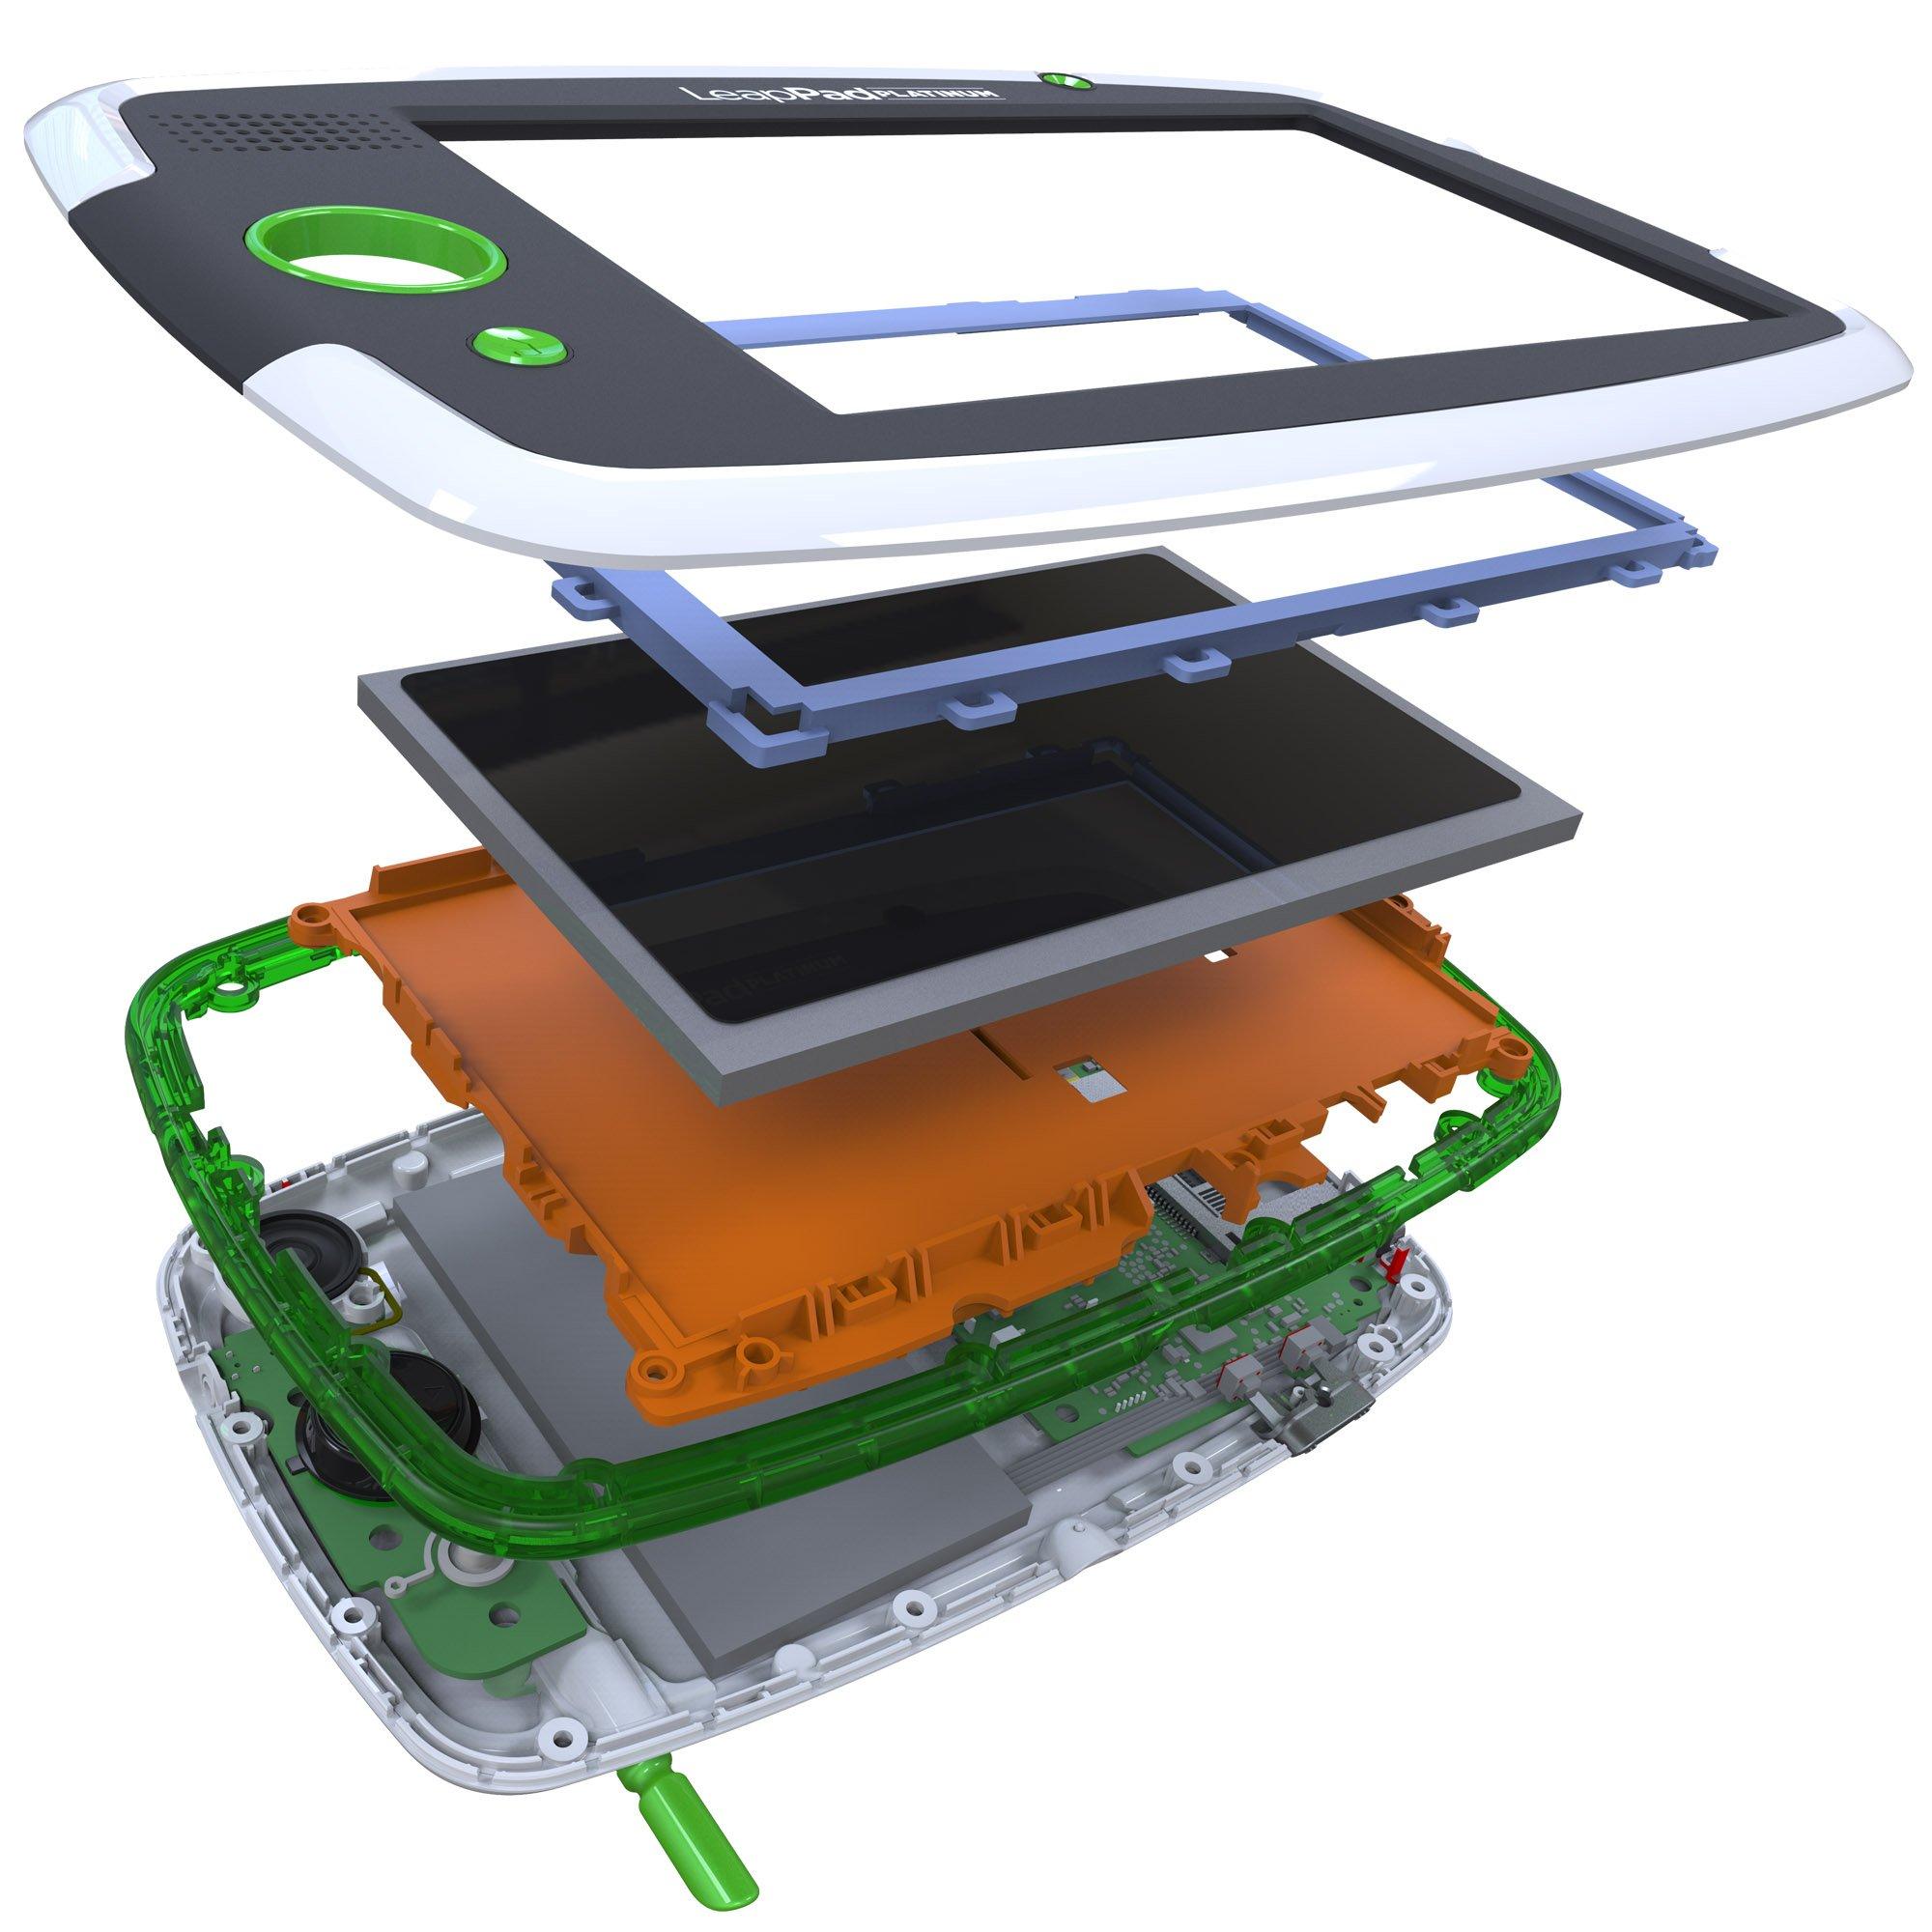 LeapFrog LeapPad Platinum Kids Learning Tablet, Green by LeapFrog. (Image #12)